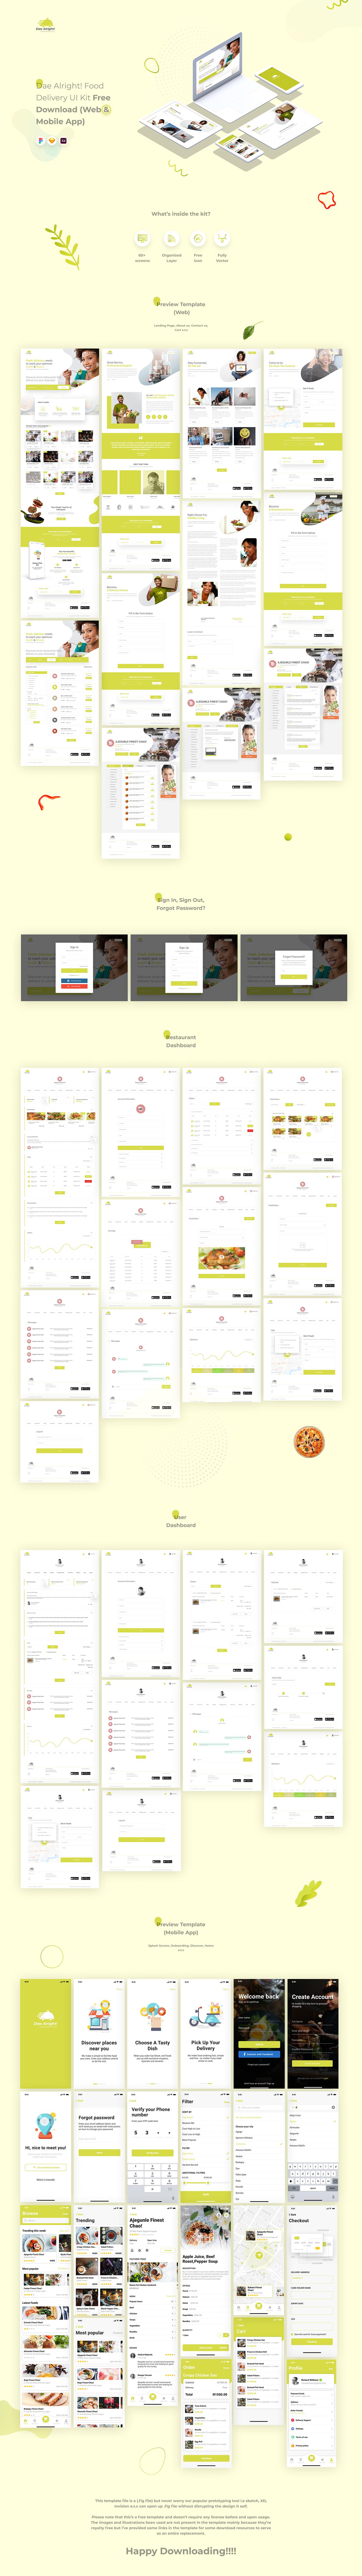 ui kit free download Web Design  Mobile app local food delivery restaurant Food  Restaurant app food brand